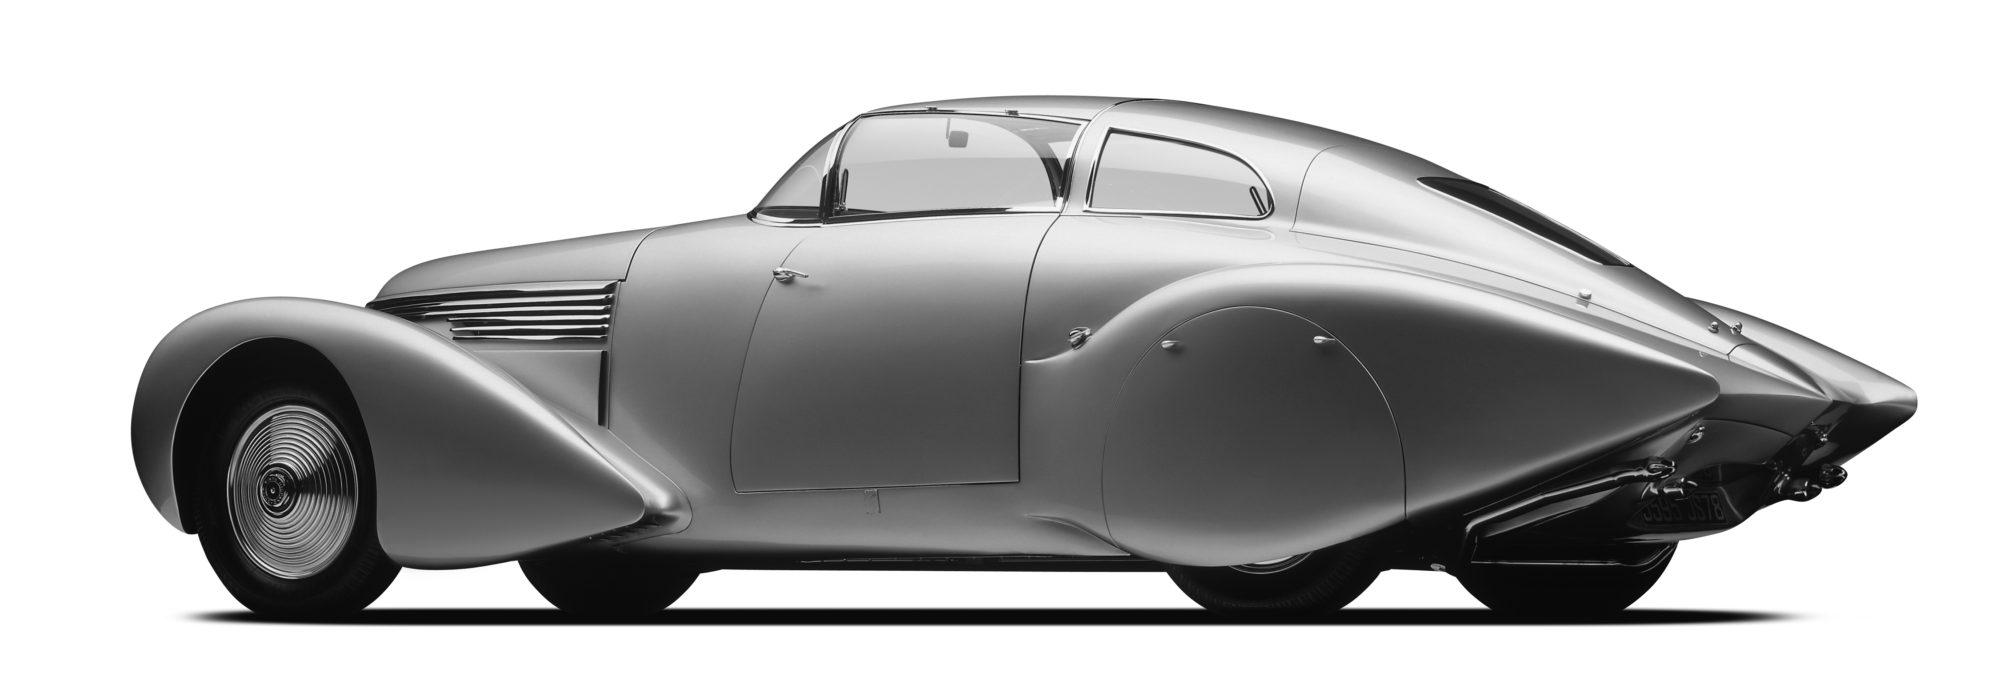 1937 Hispano Suiza Dubonnet Xenia CREDIT MICHAEL FURMAN